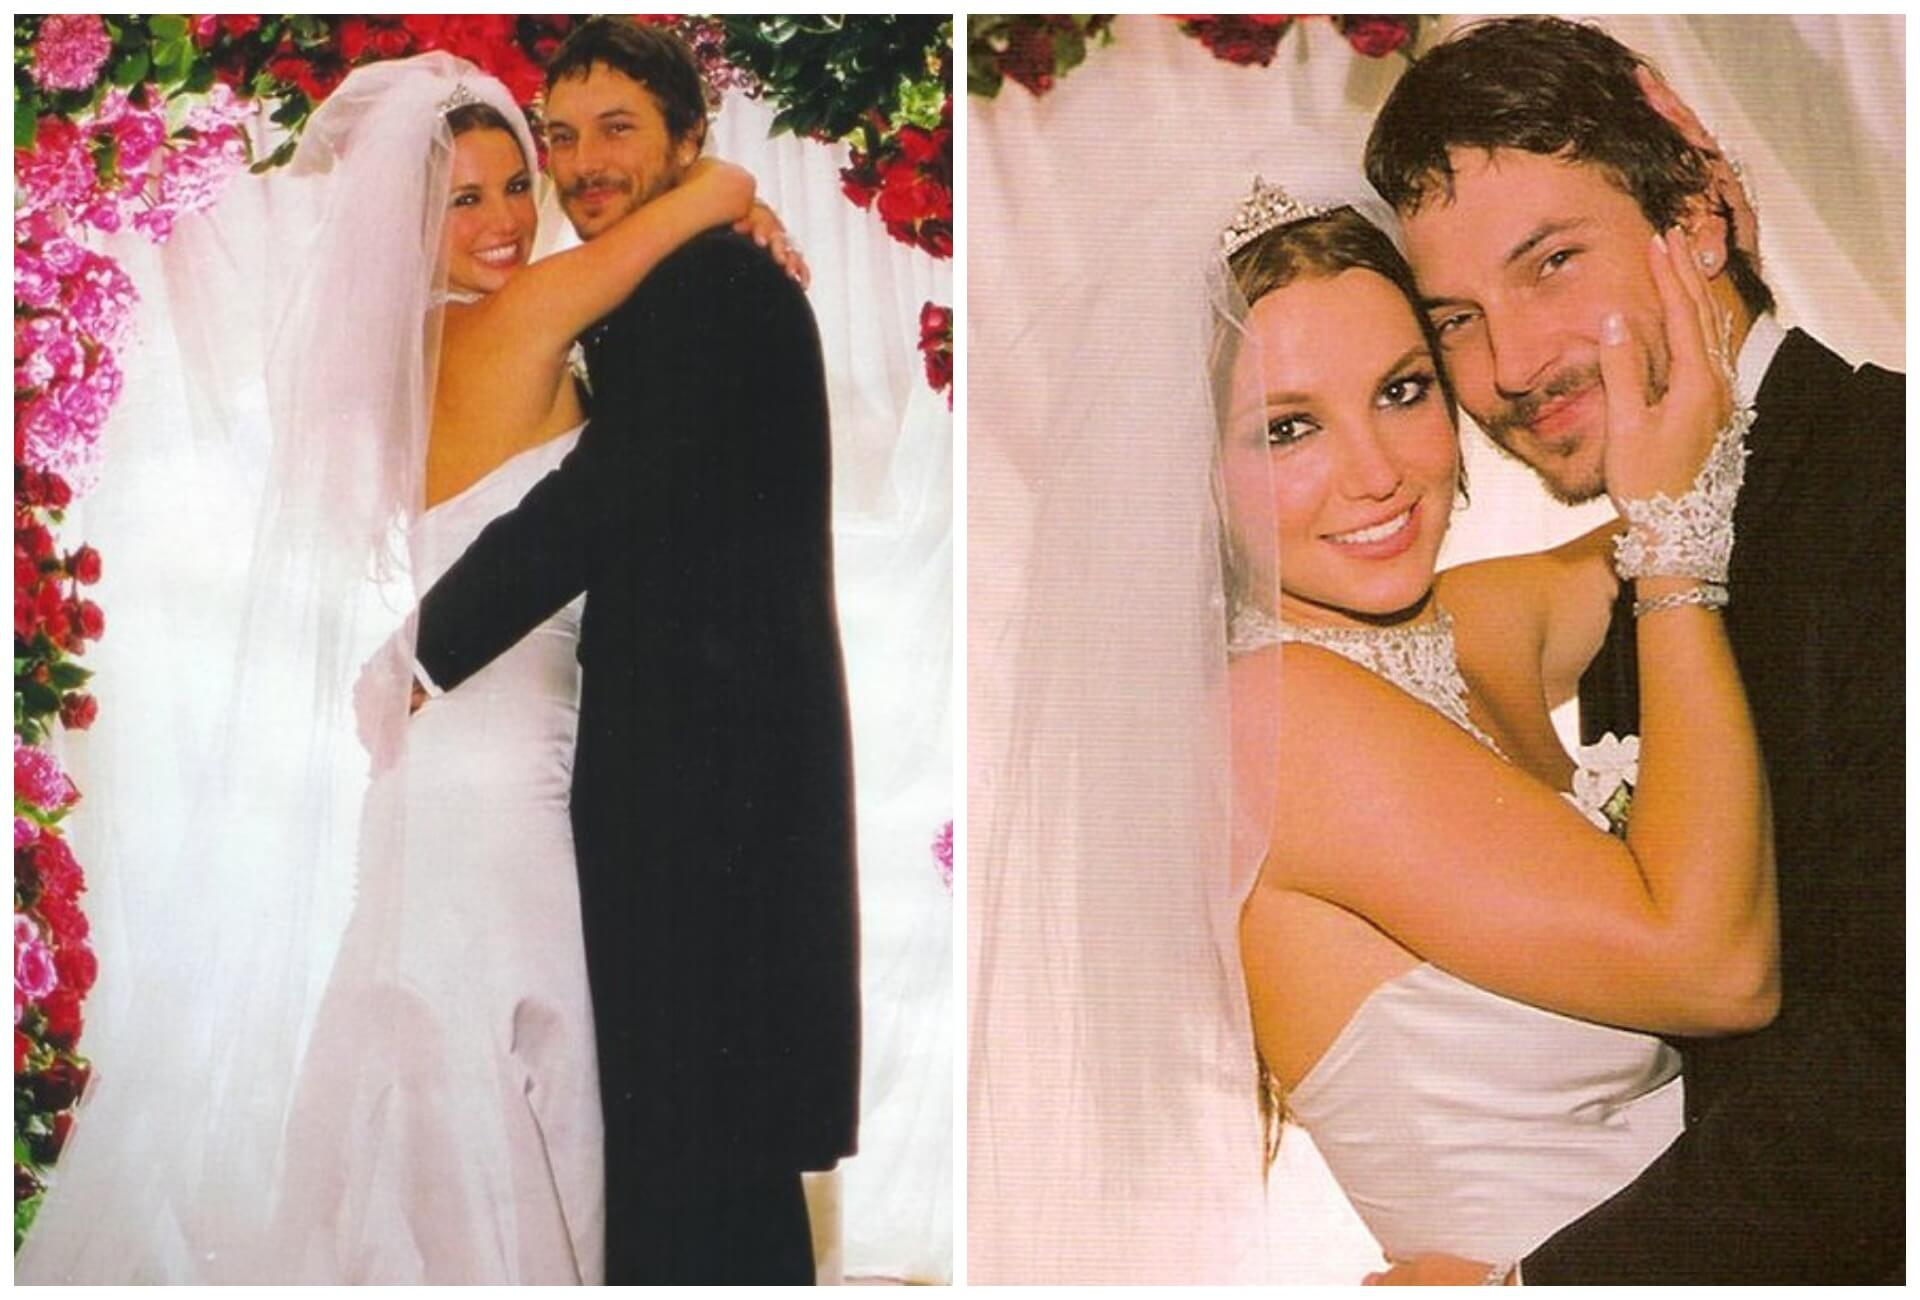 Бритни Спирс и Кевин Федерлайн свадьба